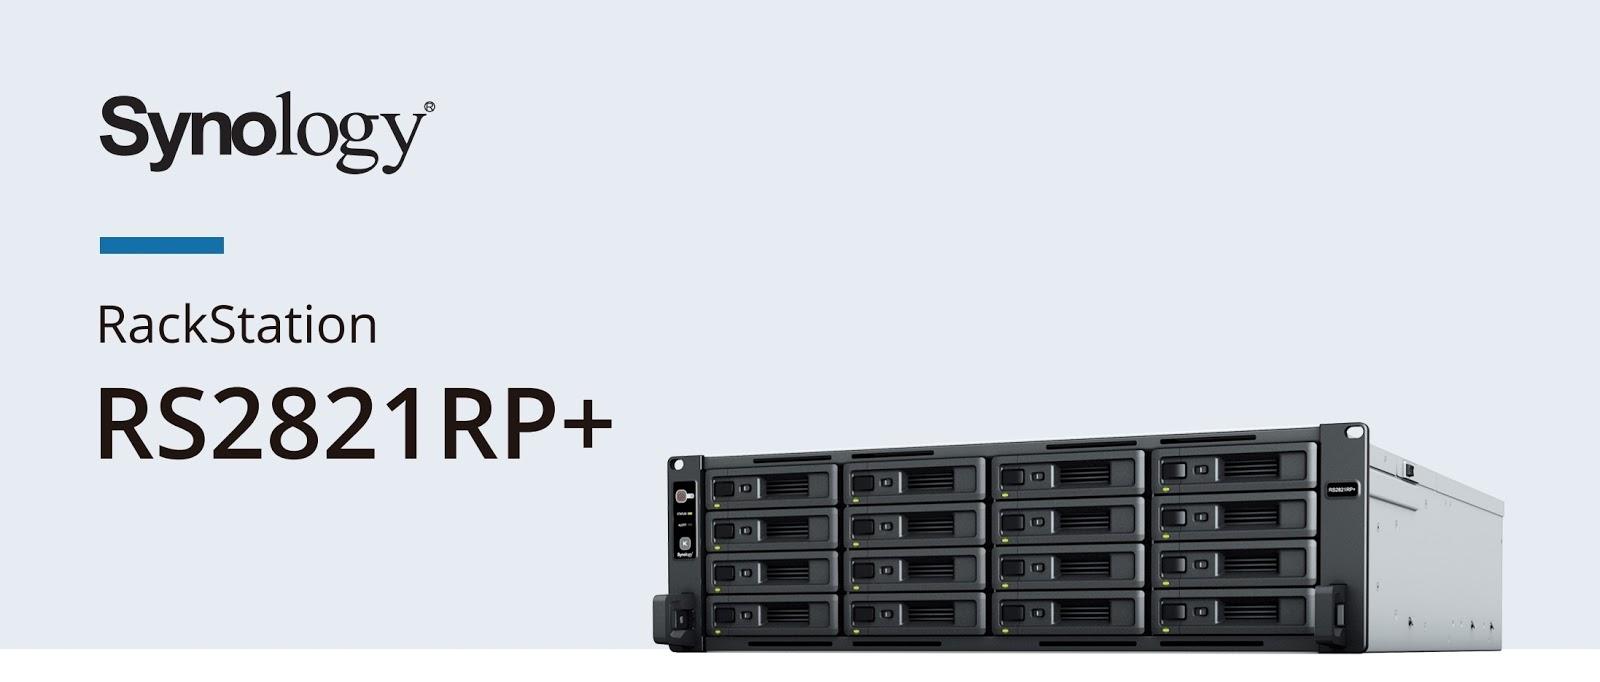 Synology RS2821RP+ สารพัดประโยชน์ ออกแบบมาเพื่อให้ประสิทธิภาพการทำงานสูงสุดในการสำรองข้อมูลโครงสร้างพื้นฐานขนาดใหญ่ระดับธุรกิจ และบริการคลาวด์ส่วนตัว